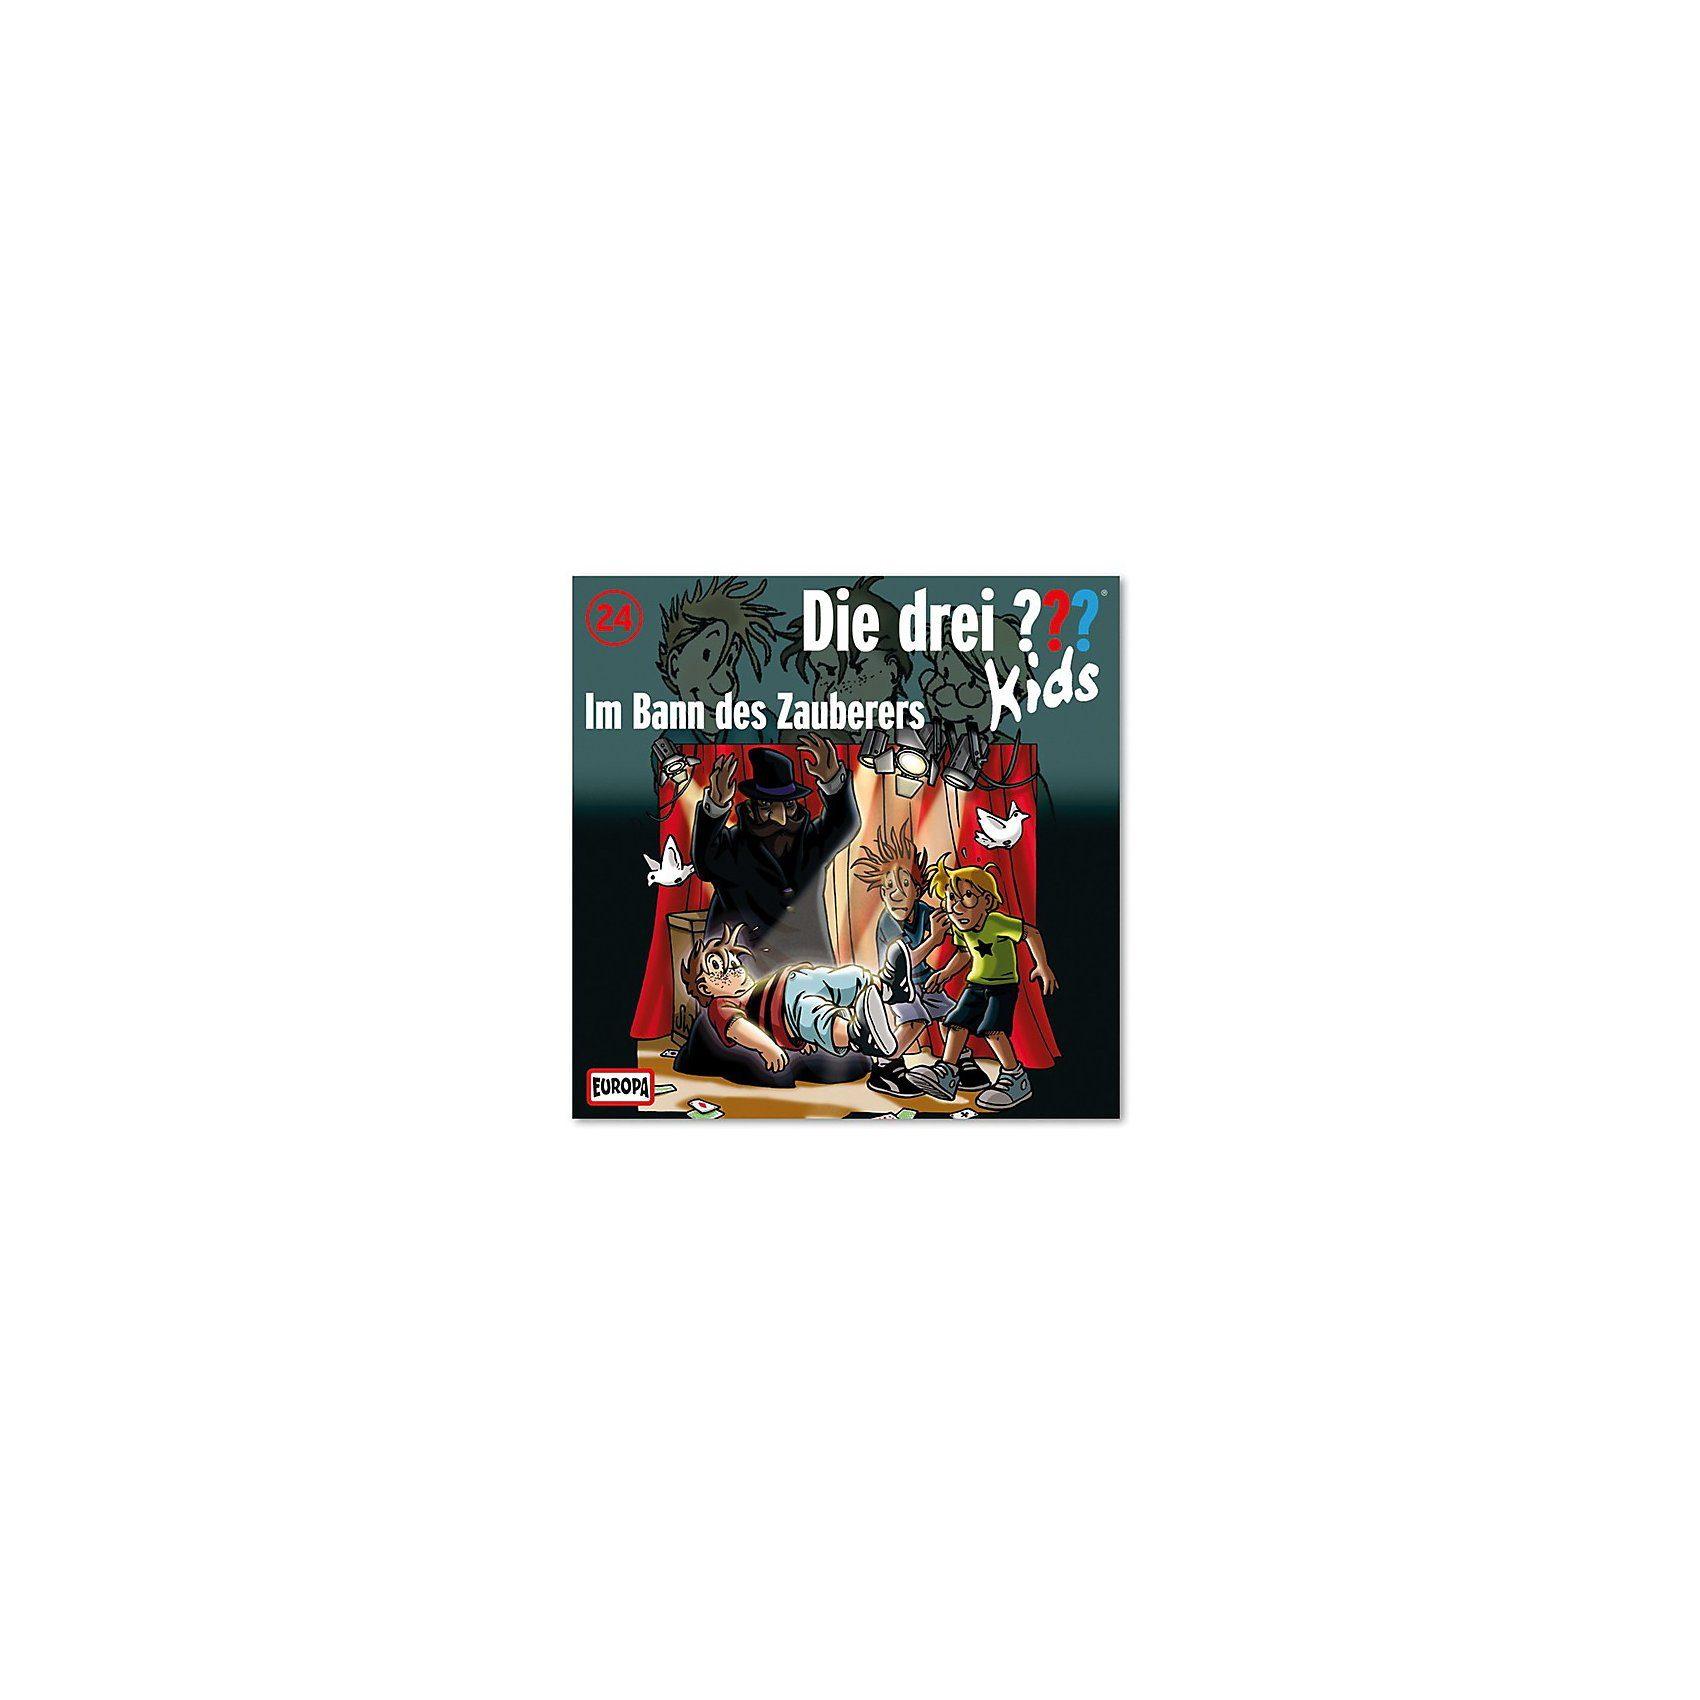 SONY BMG MUSIC CD Die drei ??? Kids 24 - Im Bann des Zauberer